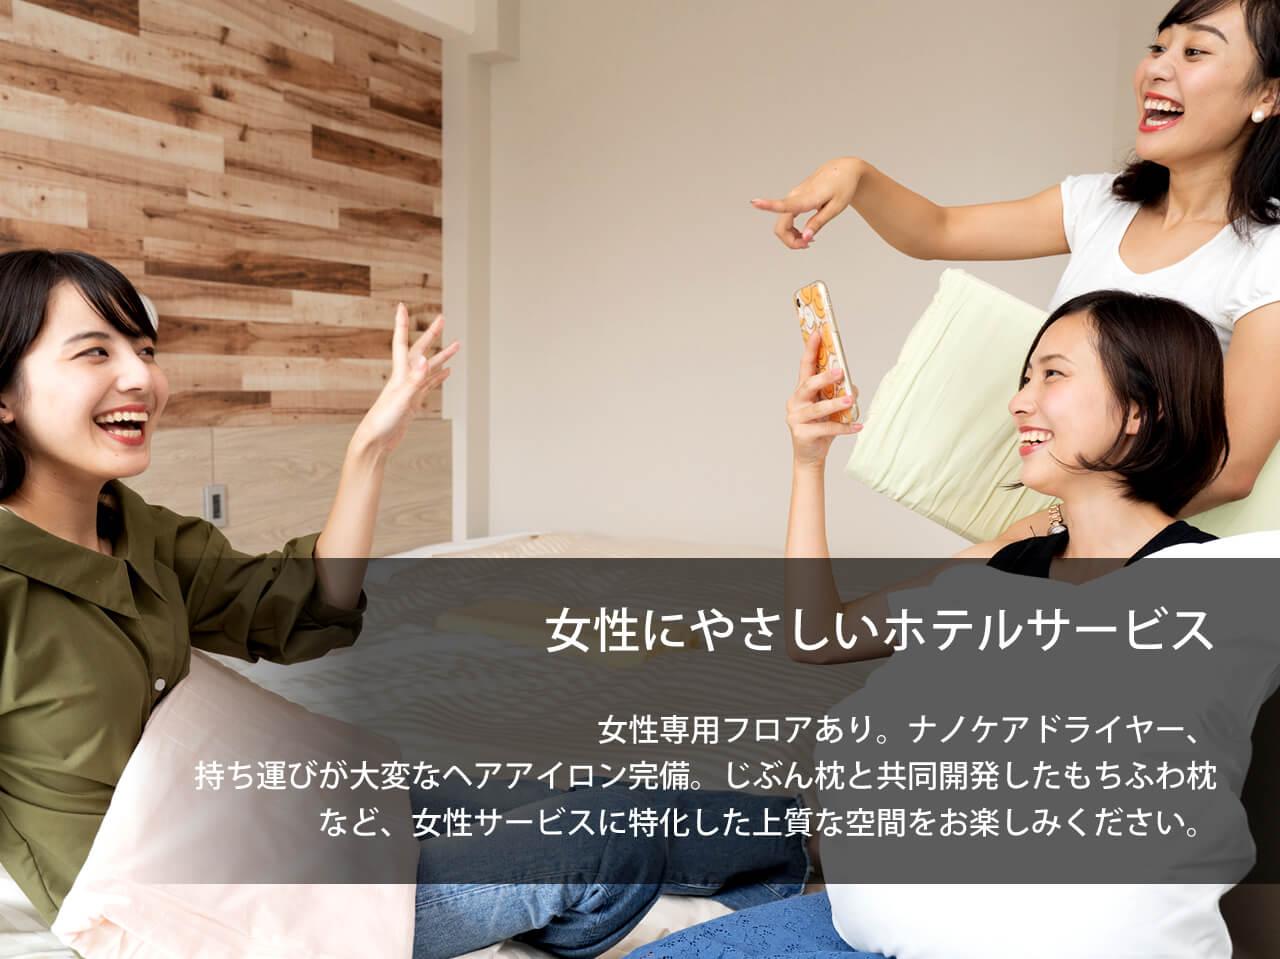 Super Hotel Premier Musashi Kosugi Ekimae